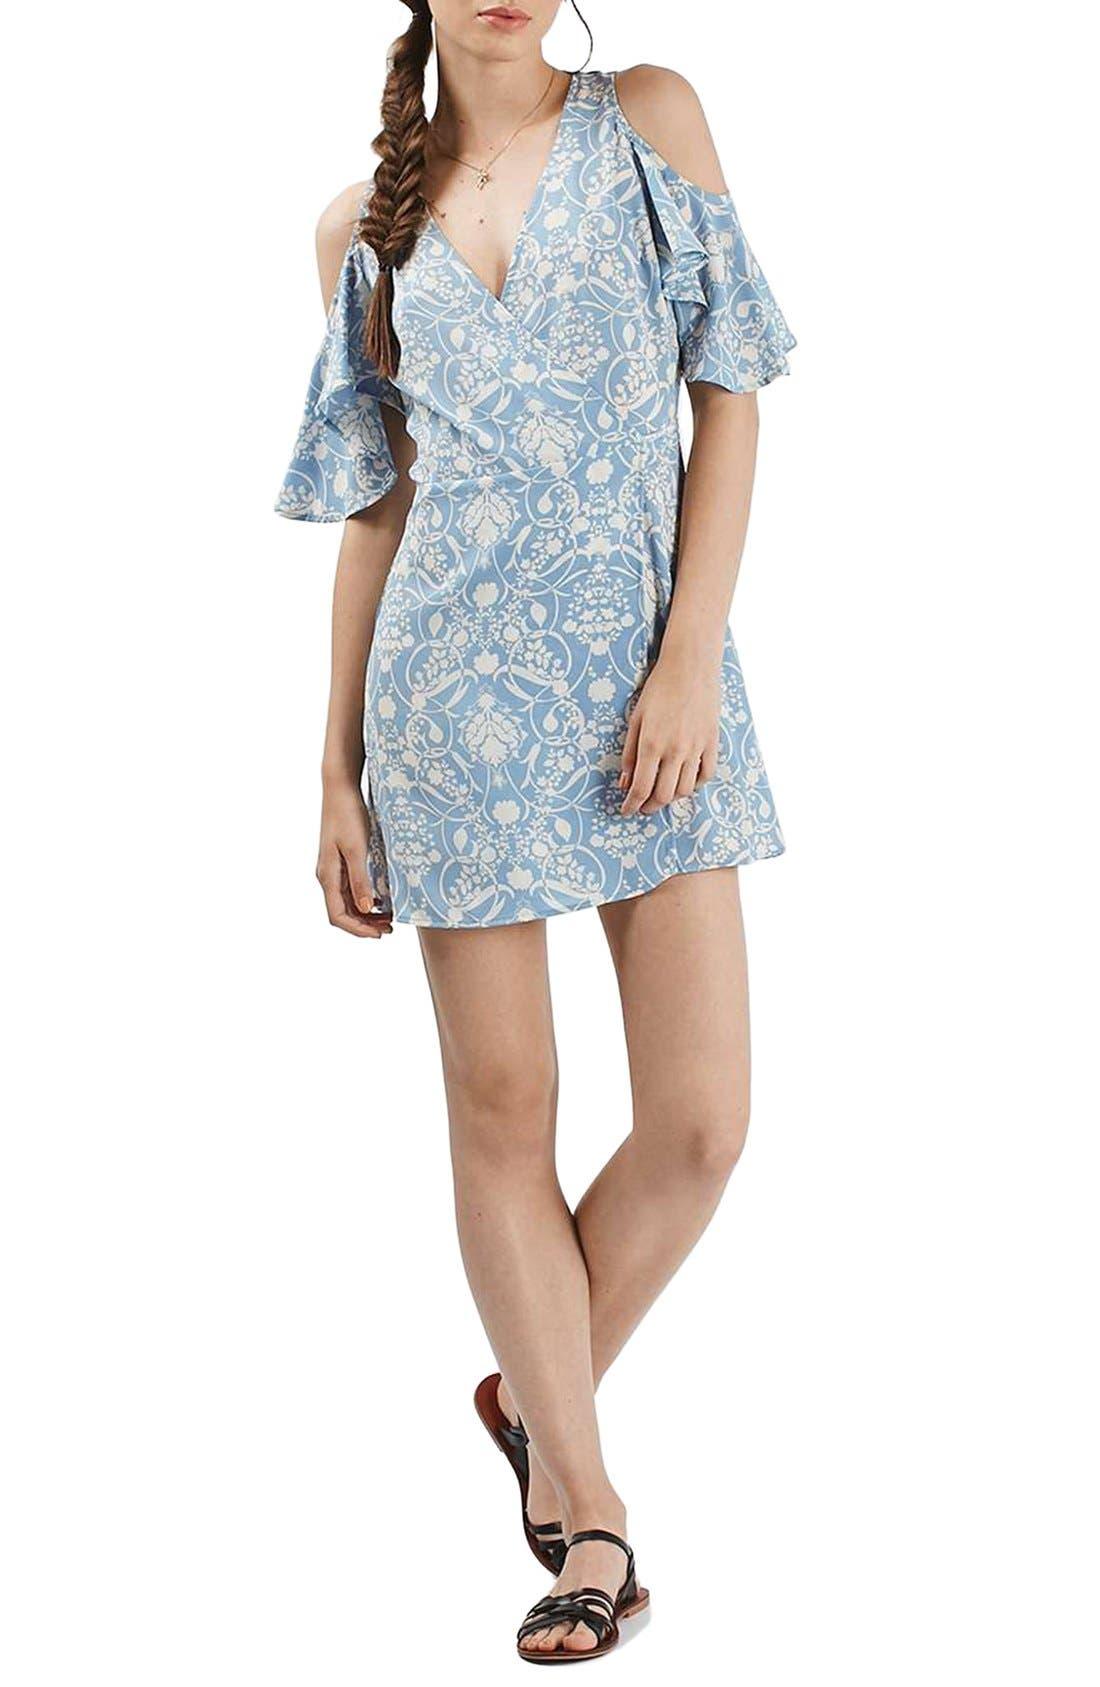 Alternate Image 1 Selected - Topshop Floral Print Cold Shoulder Wrap Dress